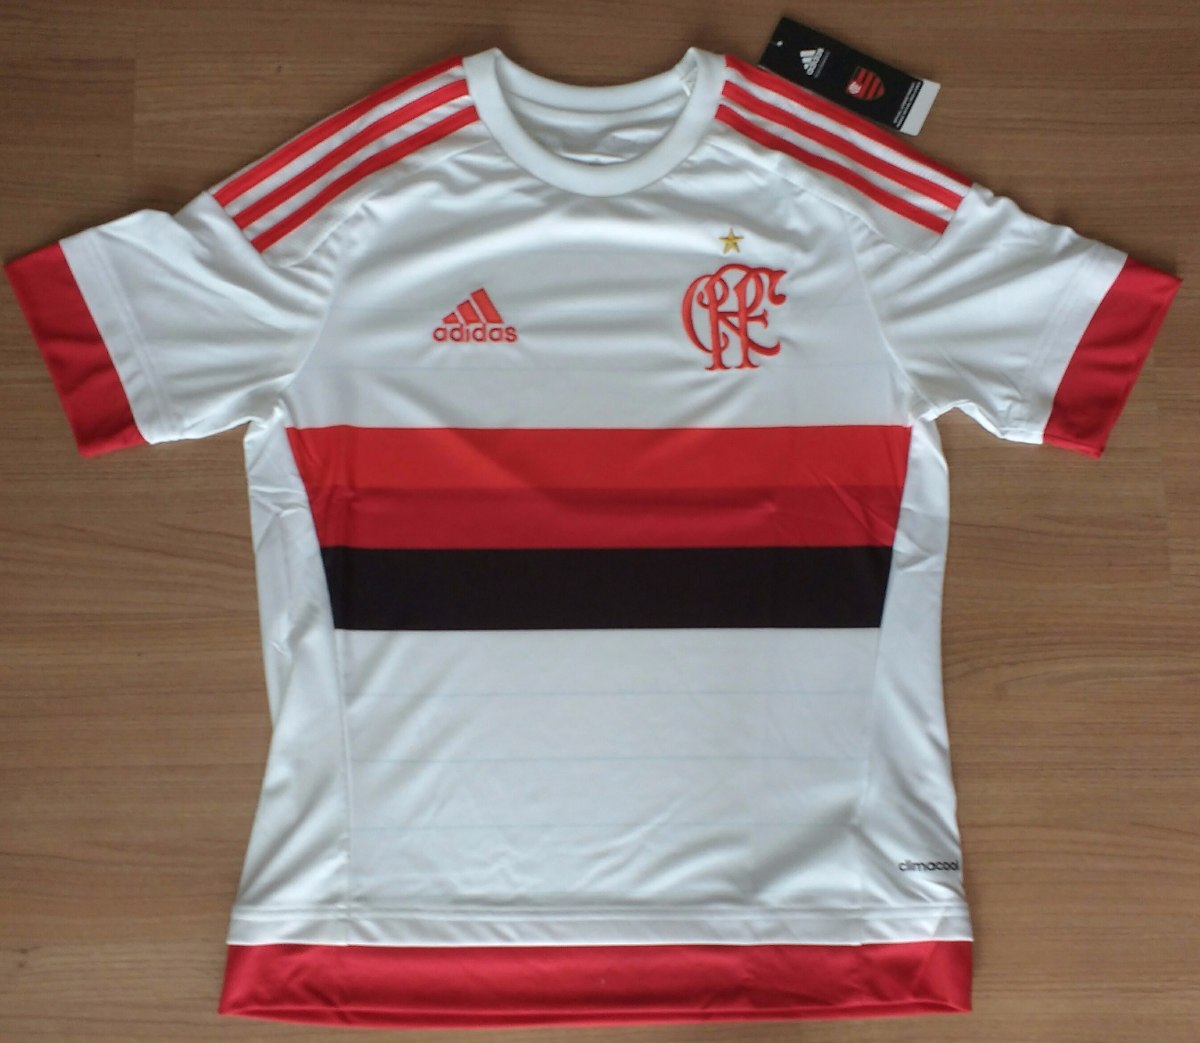 eaffb7bf1cafa Camisa Do Flamengo Feminina Original adidas Climacool - R  89